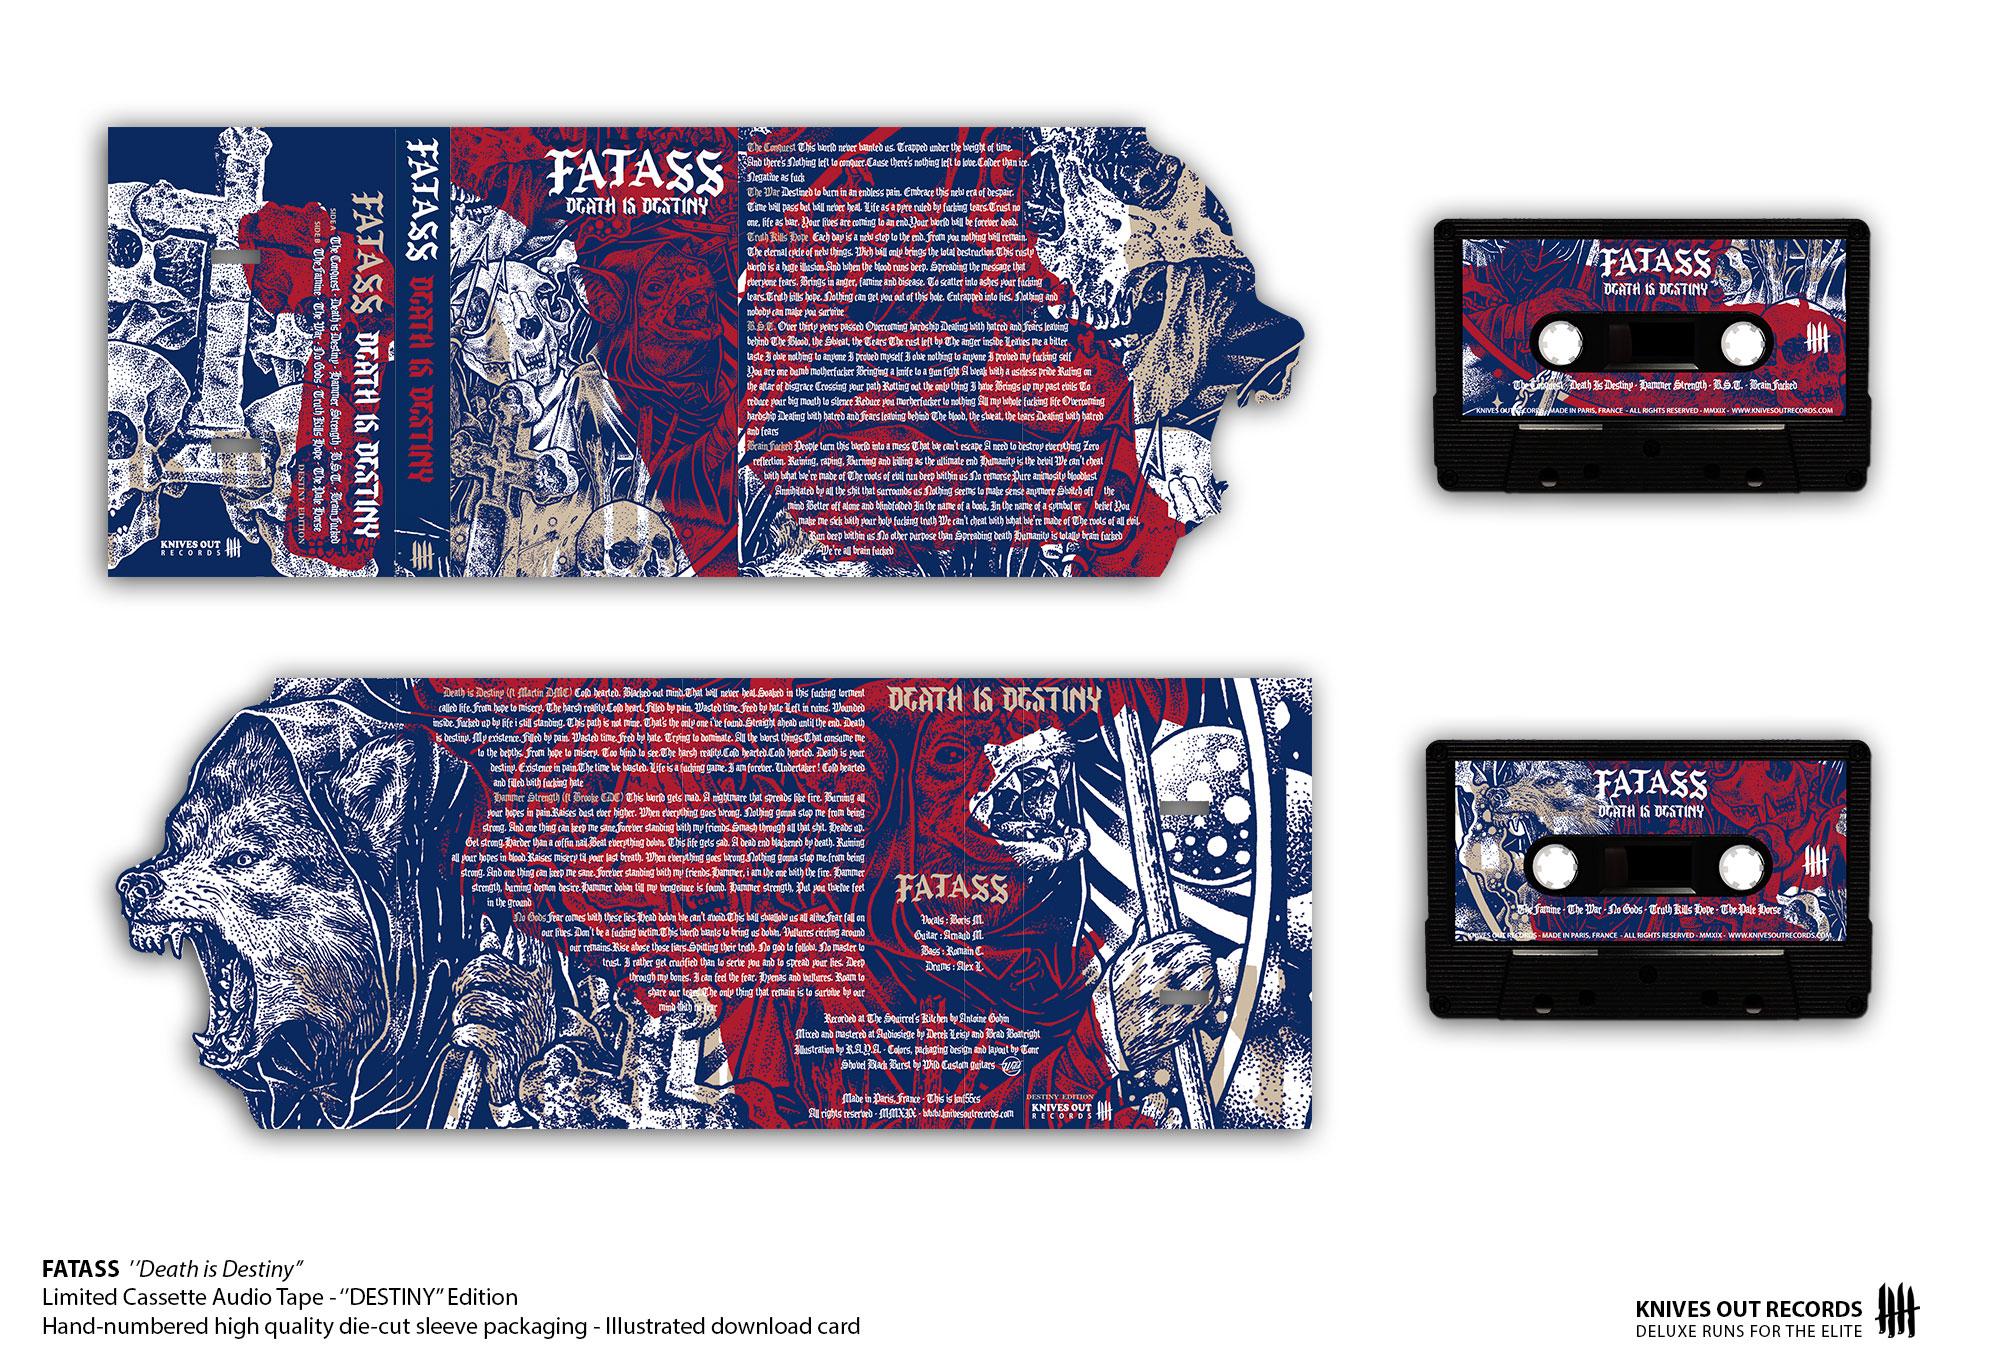 FATASS Death is Destiny Cassette Audio Tape - DESTINY Edition